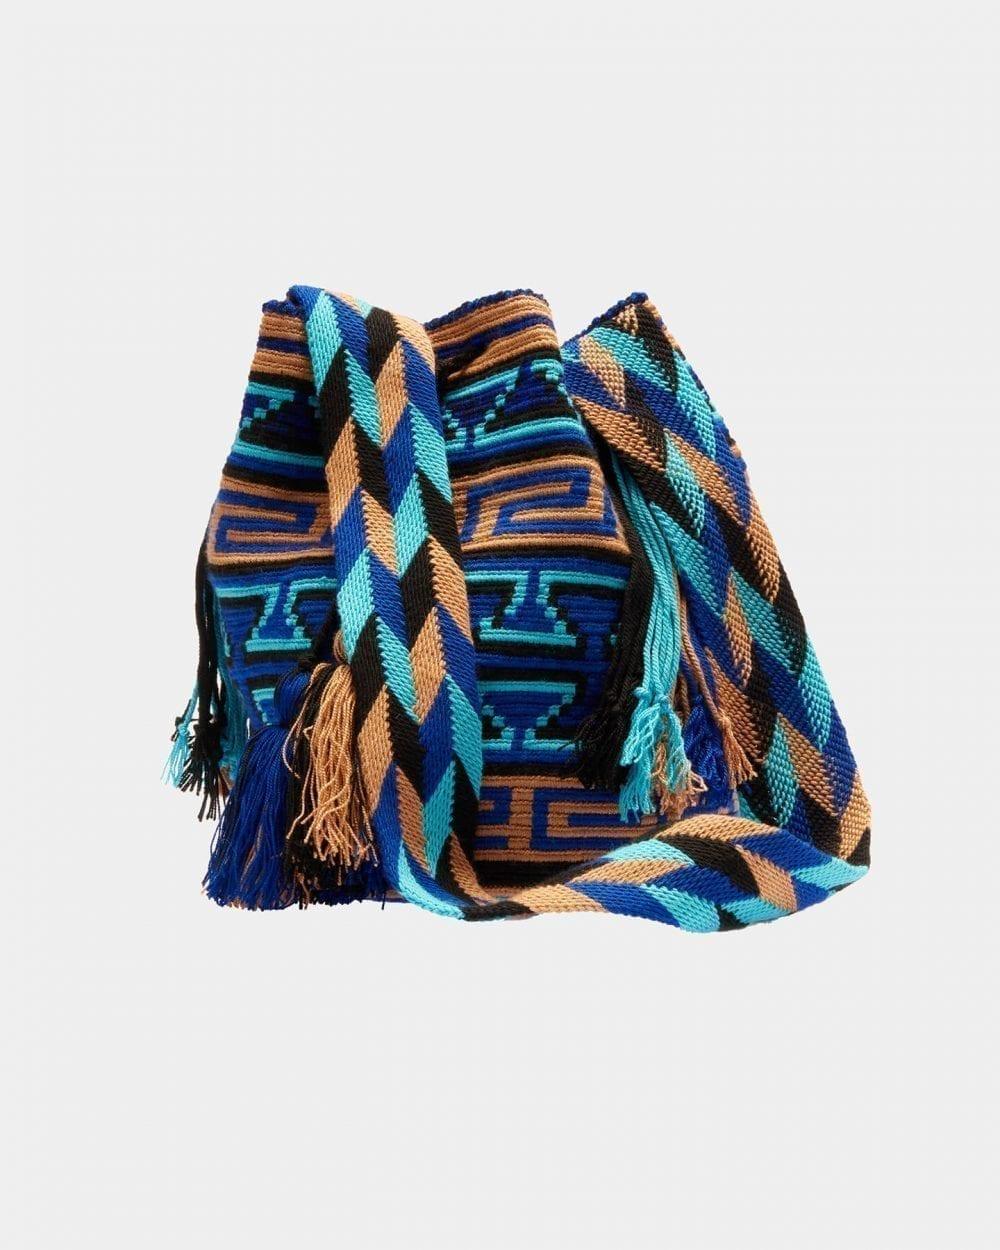 Lea ZigZag shoulder bag by ALLBYB Design, Philadelphia